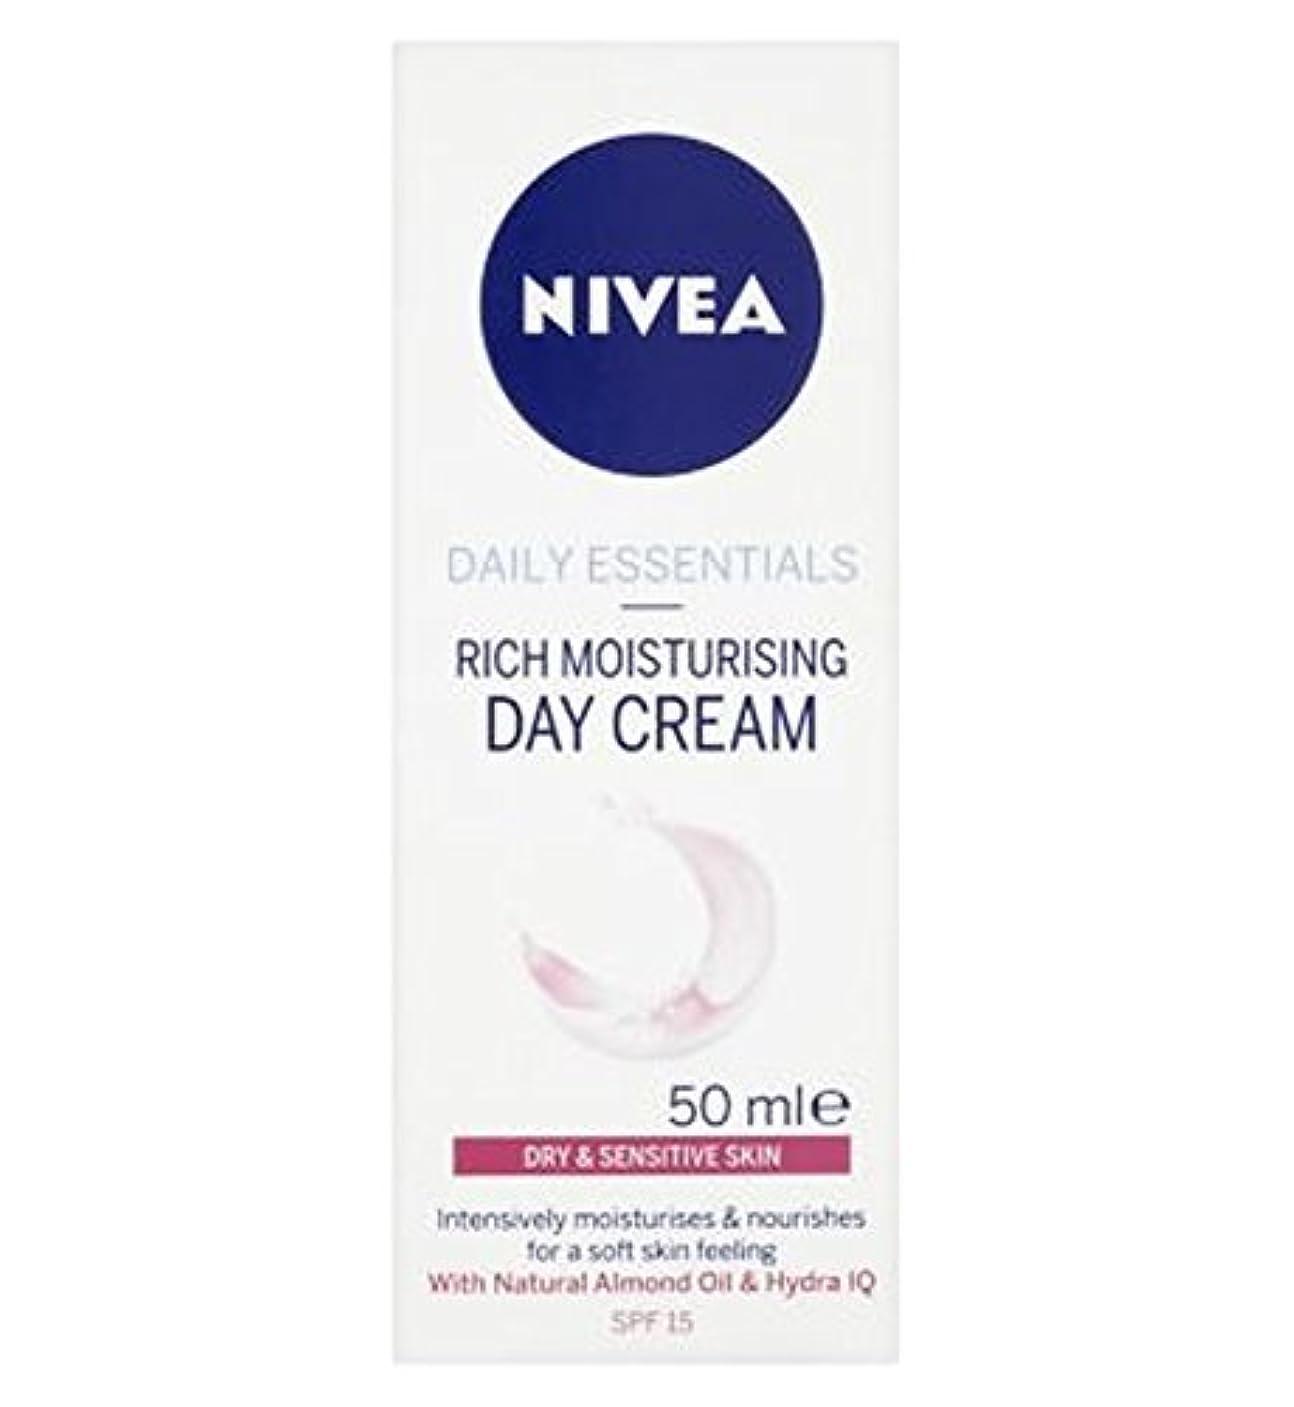 天窓サイクルアクチュエータ乾燥肌や敏感肌のSpf15の50ミリリットルのためのニベア生活必需光保湿デイクリーム (Nivea) (x2) - Nivea Daily Essentials Light Moisturising Day Cream For Dry and Sensitive Skin SPF15 50ml (Pack of 2) [並行輸入品]